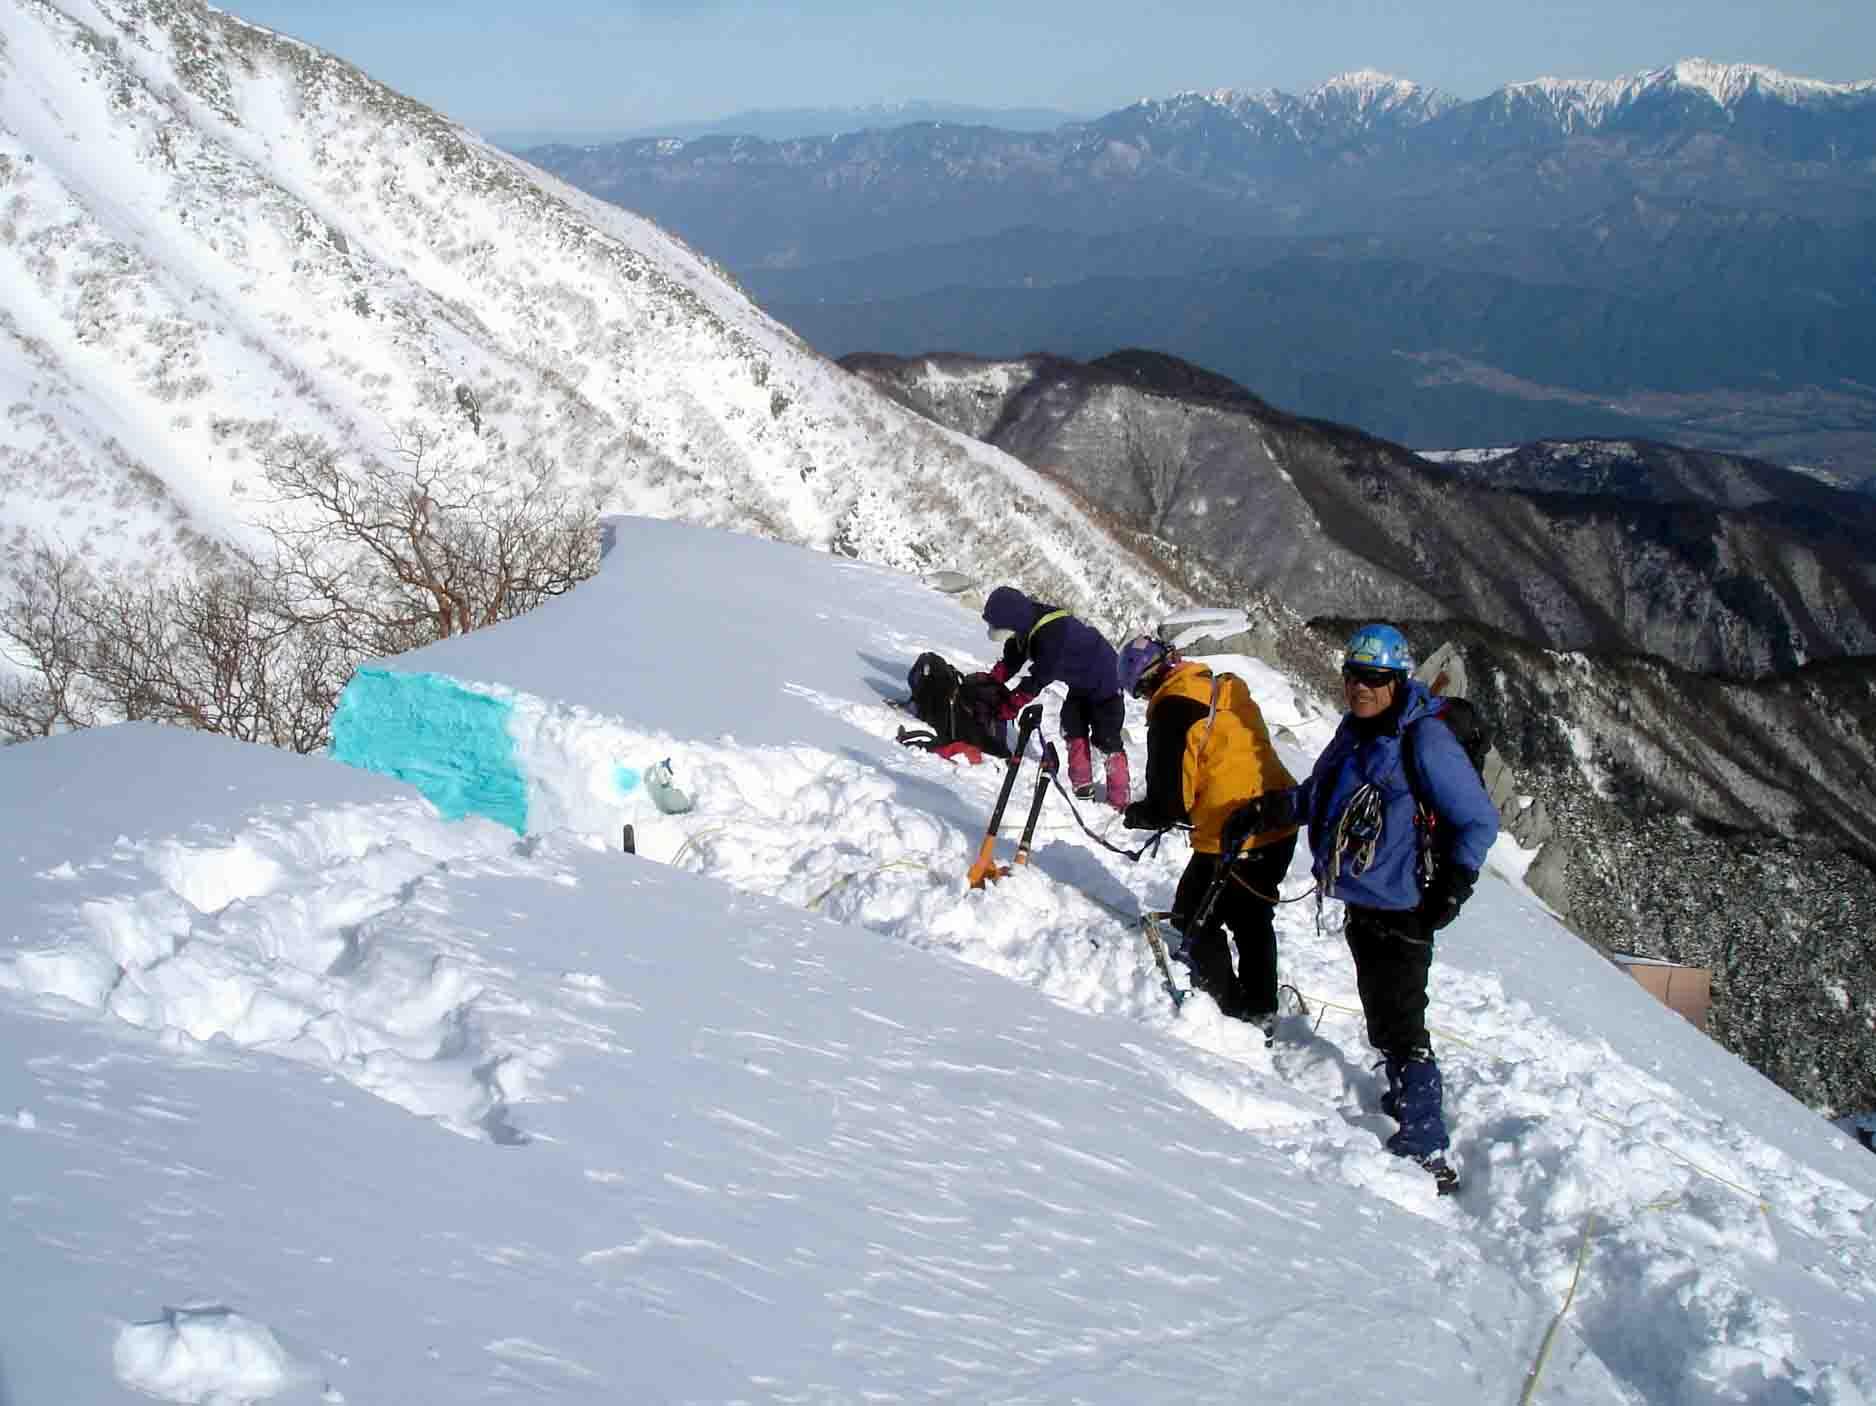 雪庇断面観察掘り出し作業終了 DSC05561